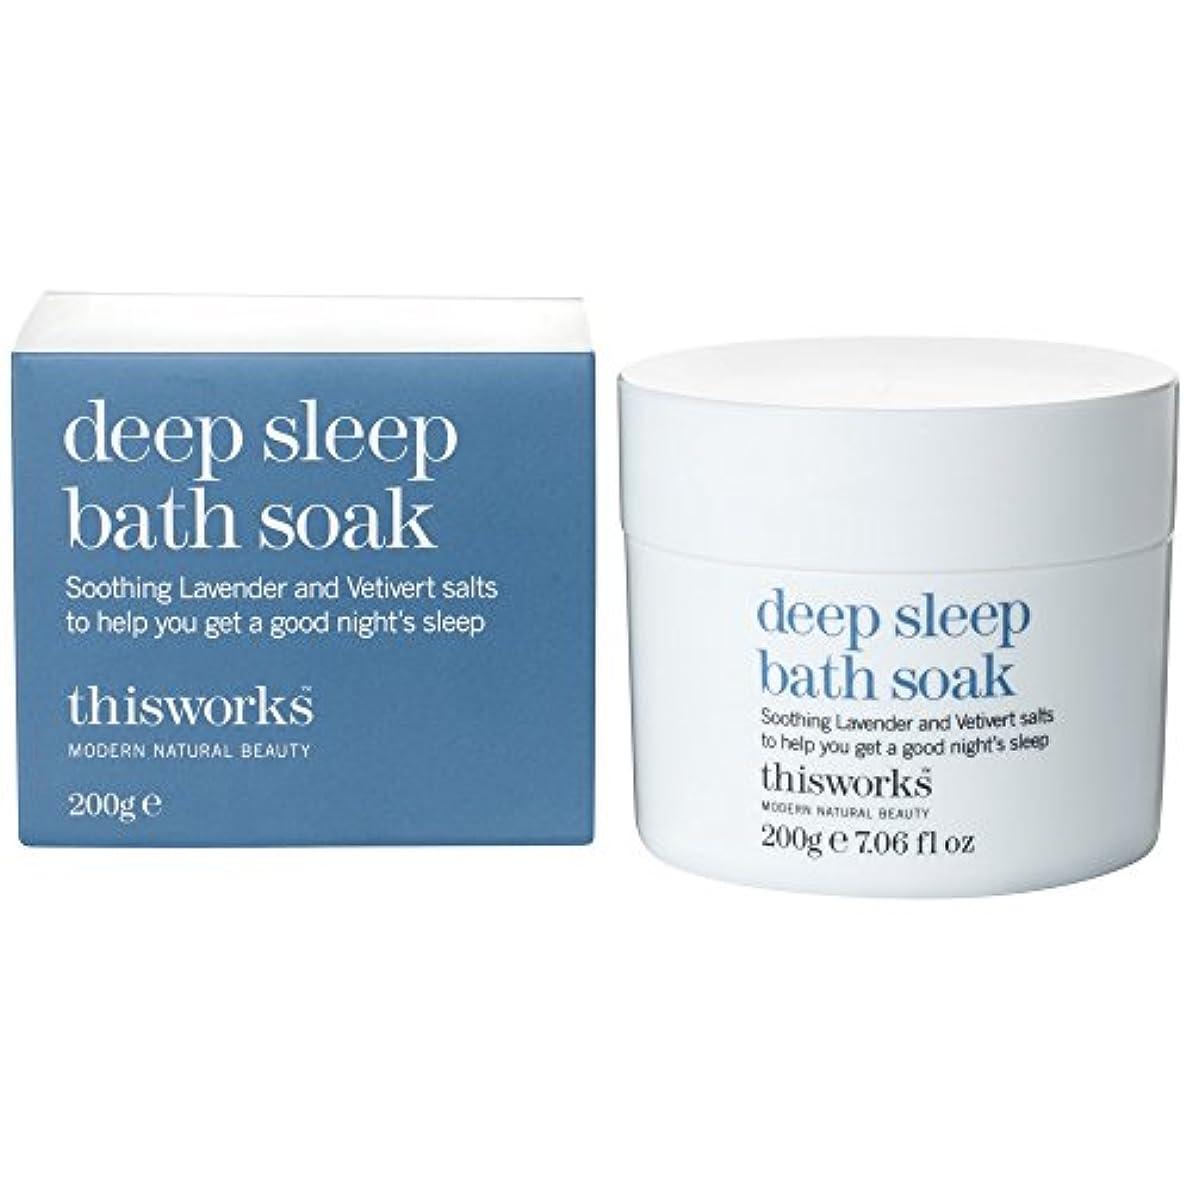 引き出しポイント狂うこれは、深い眠り浴が200グラムを浸す働きます (This Works) (x2) - This Works Deep Sleep Bath Soak 200g (Pack of 2) [並行輸入品]